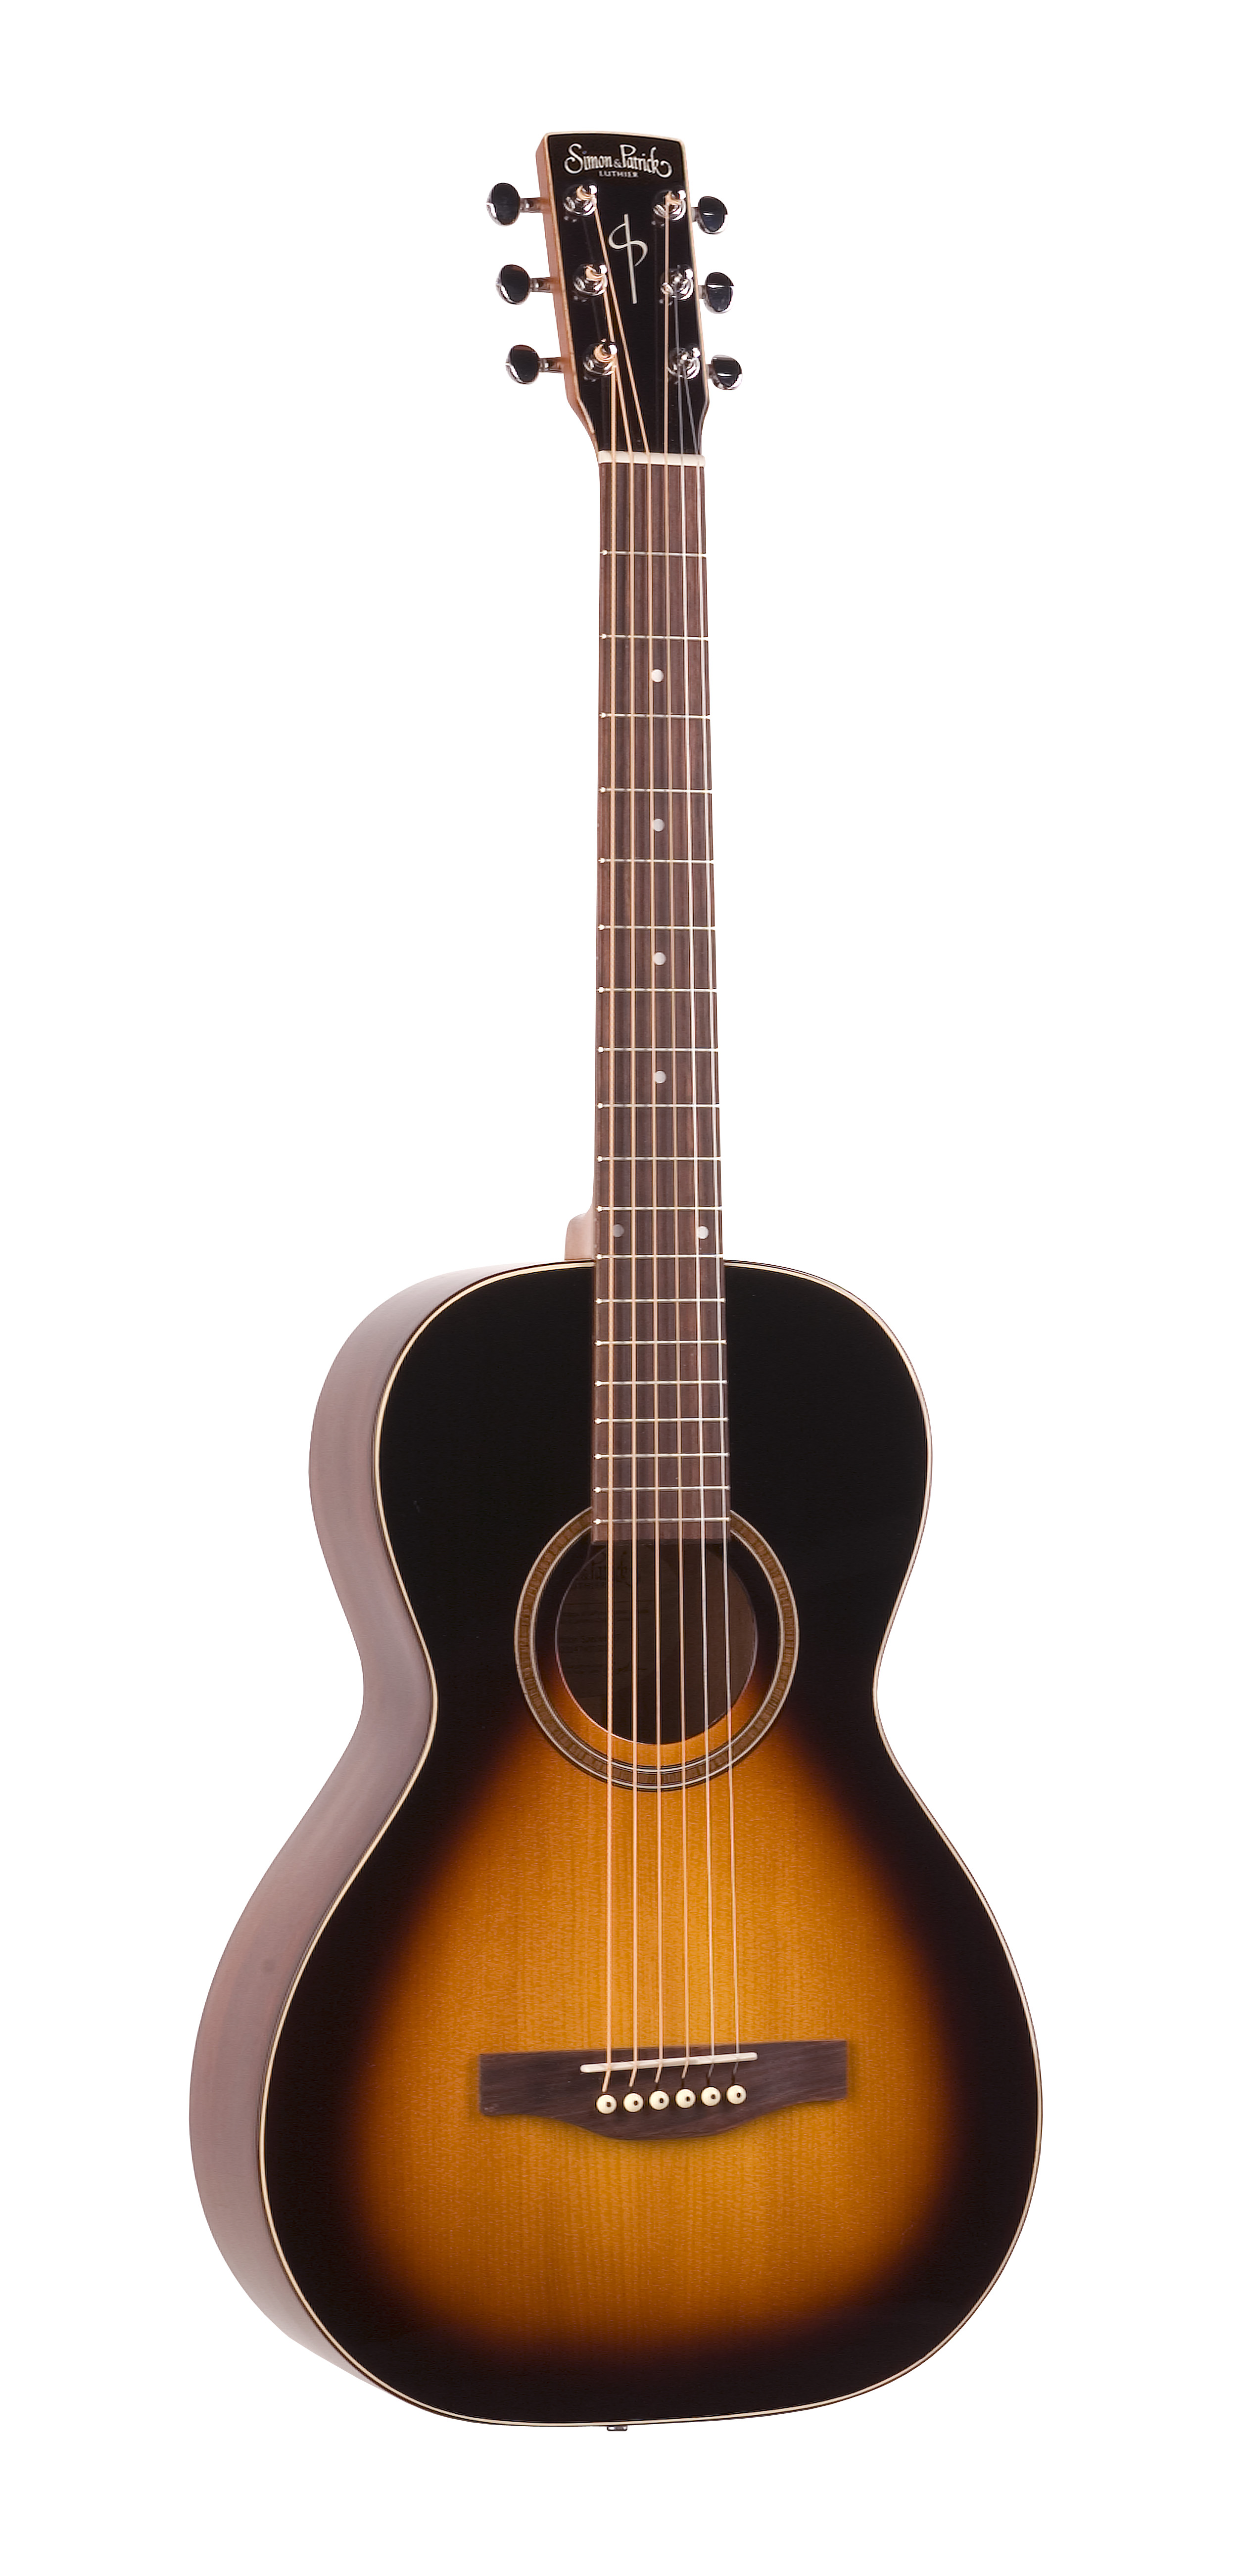 Simon & Patrick 35151 Woodland Pro Parlor Sunburst Acoustic Guitar